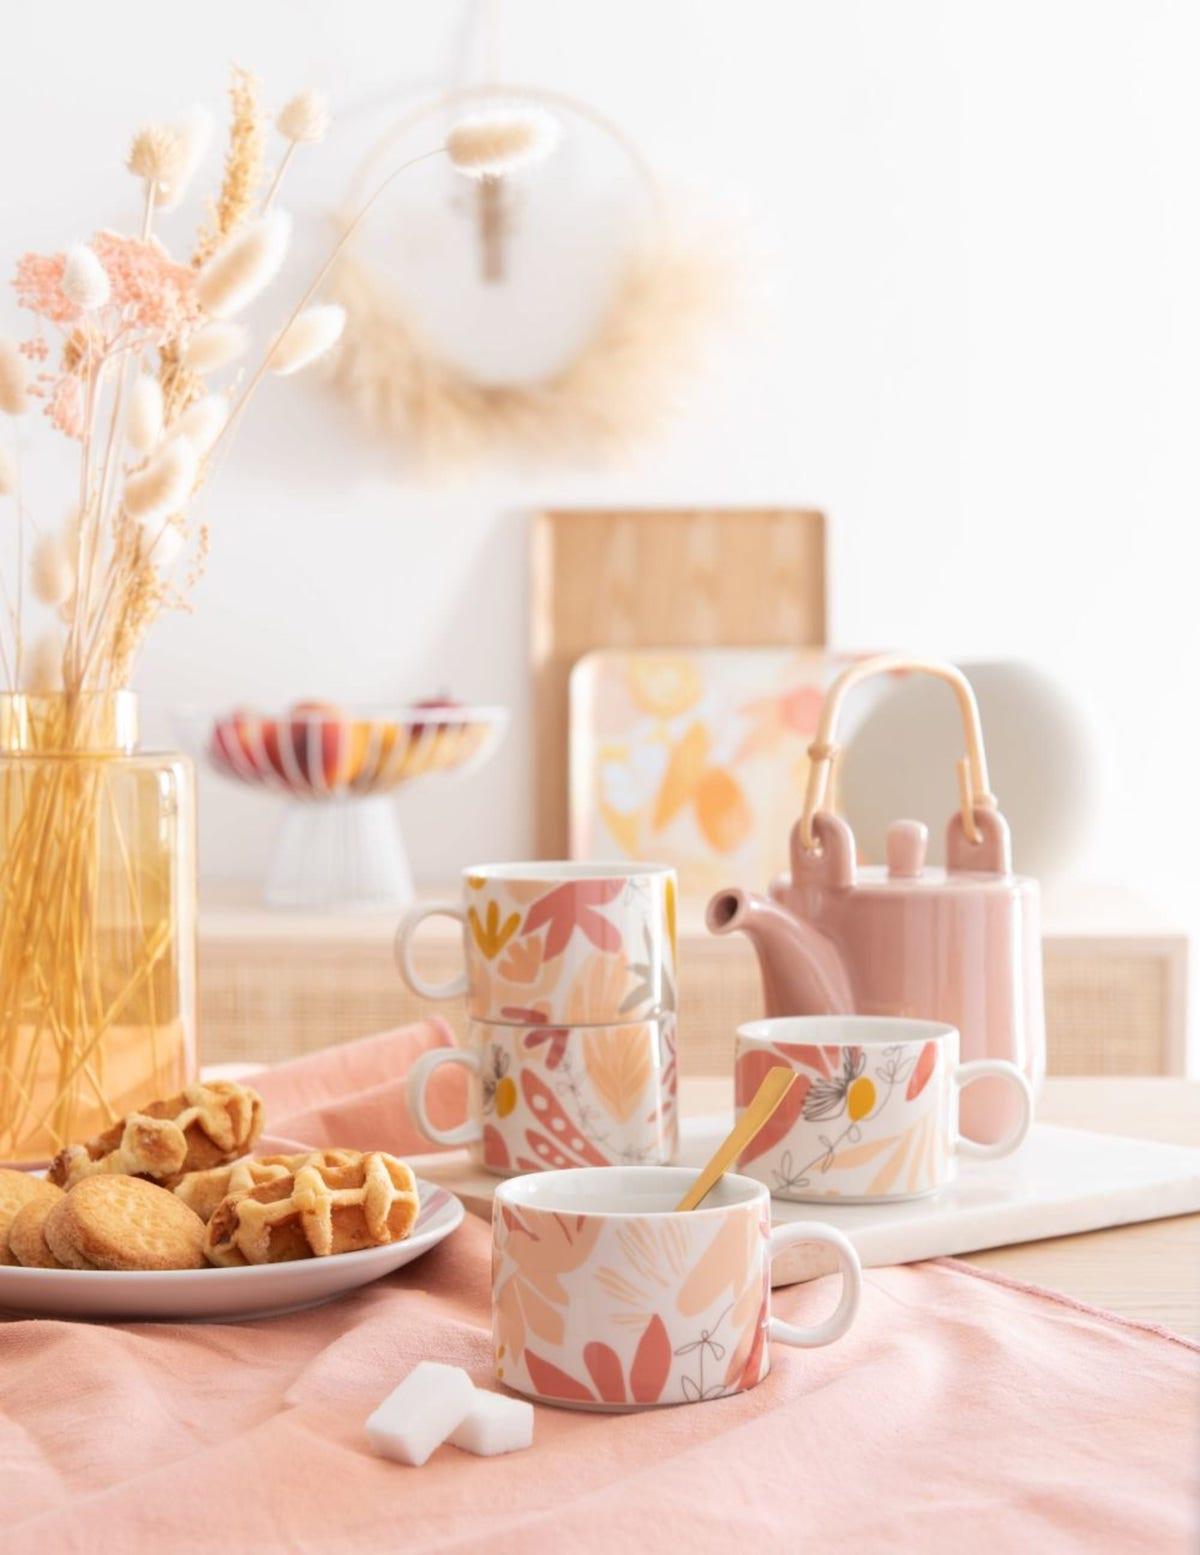 nouvelle collection maisons du monde tasse en faience blanche rose jaune fleur